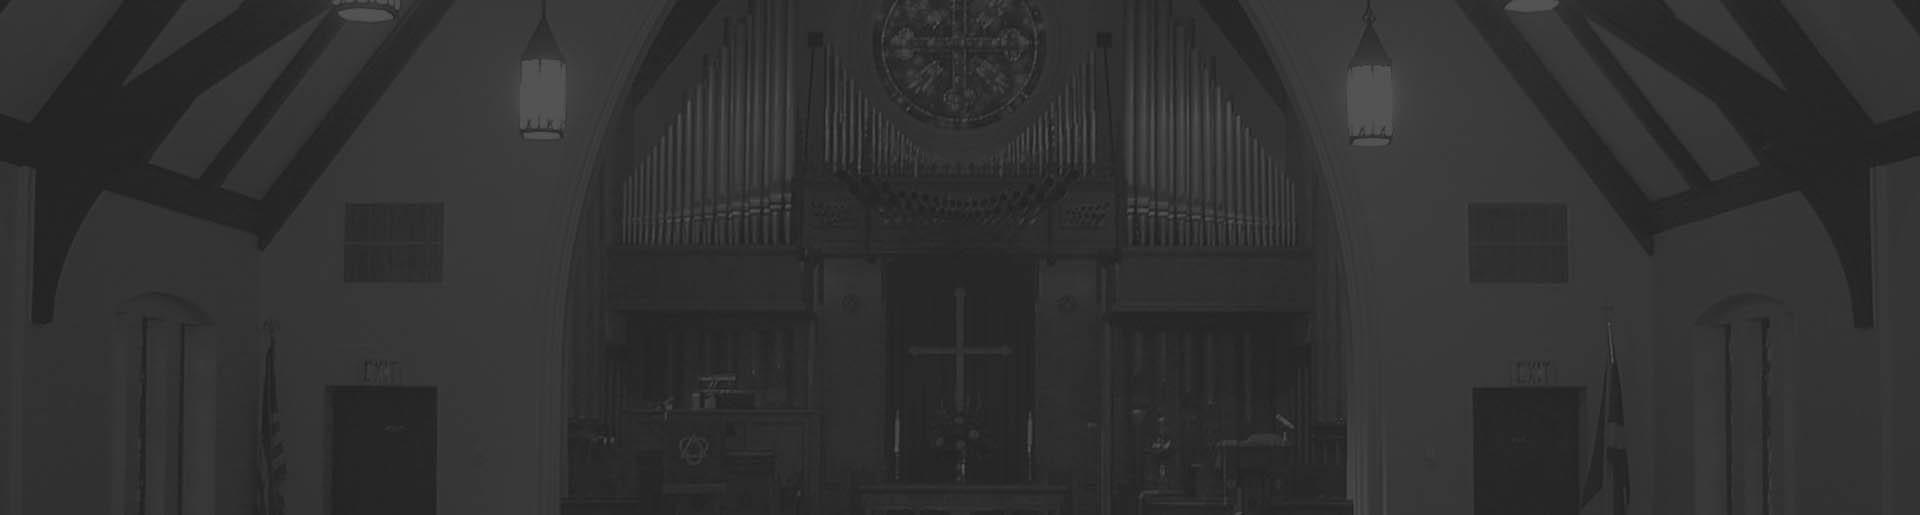 bkgd-worship